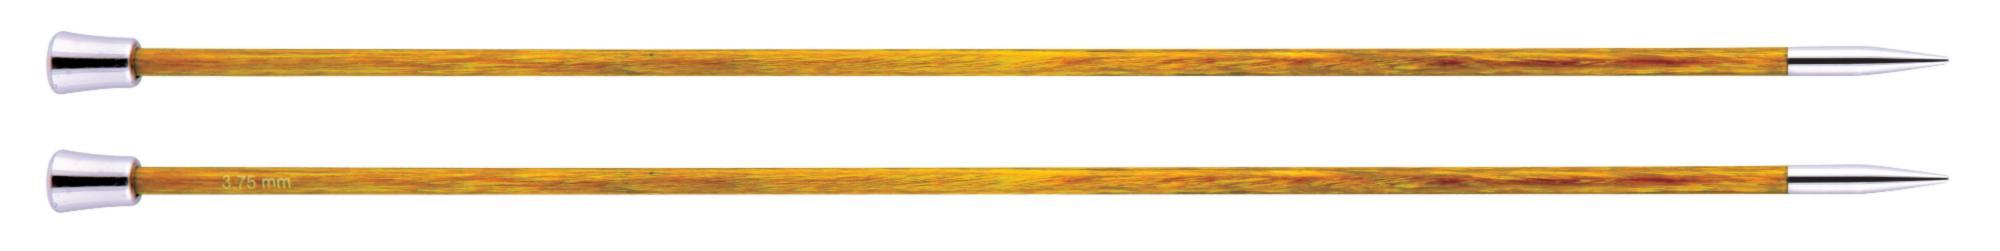 Спицы прямые 35 см Royale KnitPro, 29214, 3.75 мм